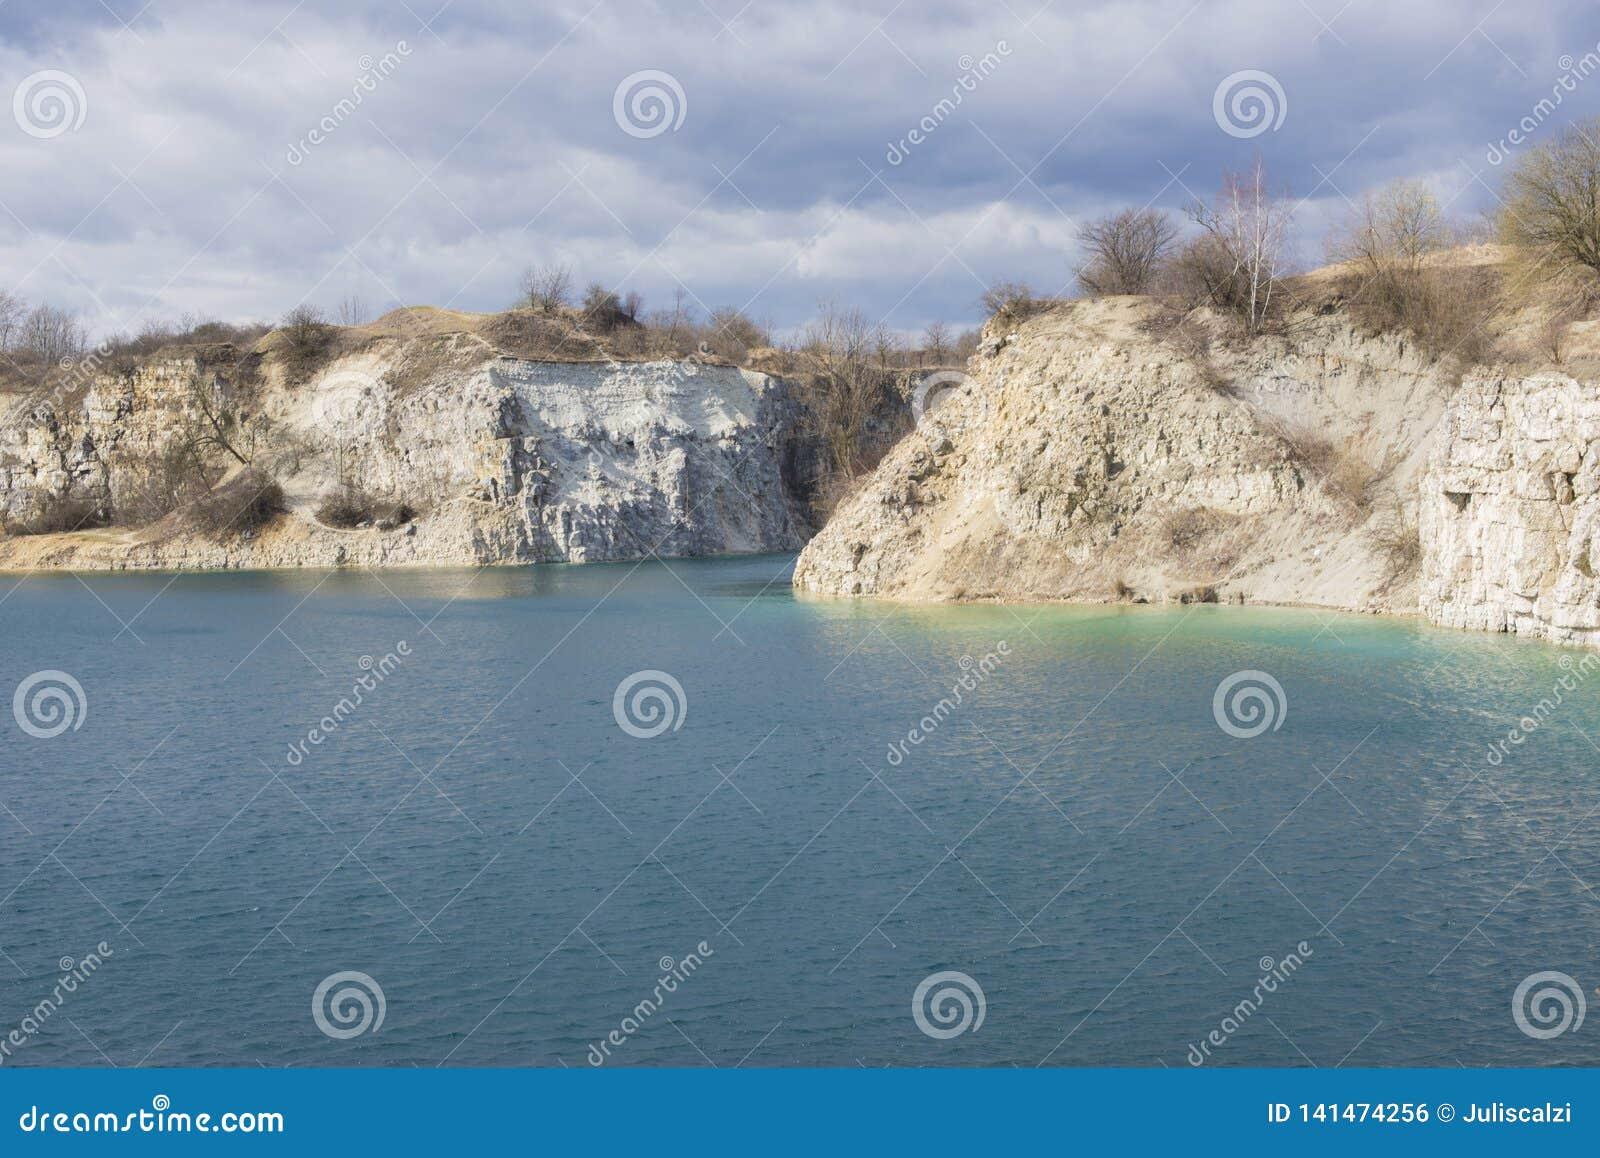 Limestone Quarry, Quarry Zakrzówek, Kraków, Poland Stock